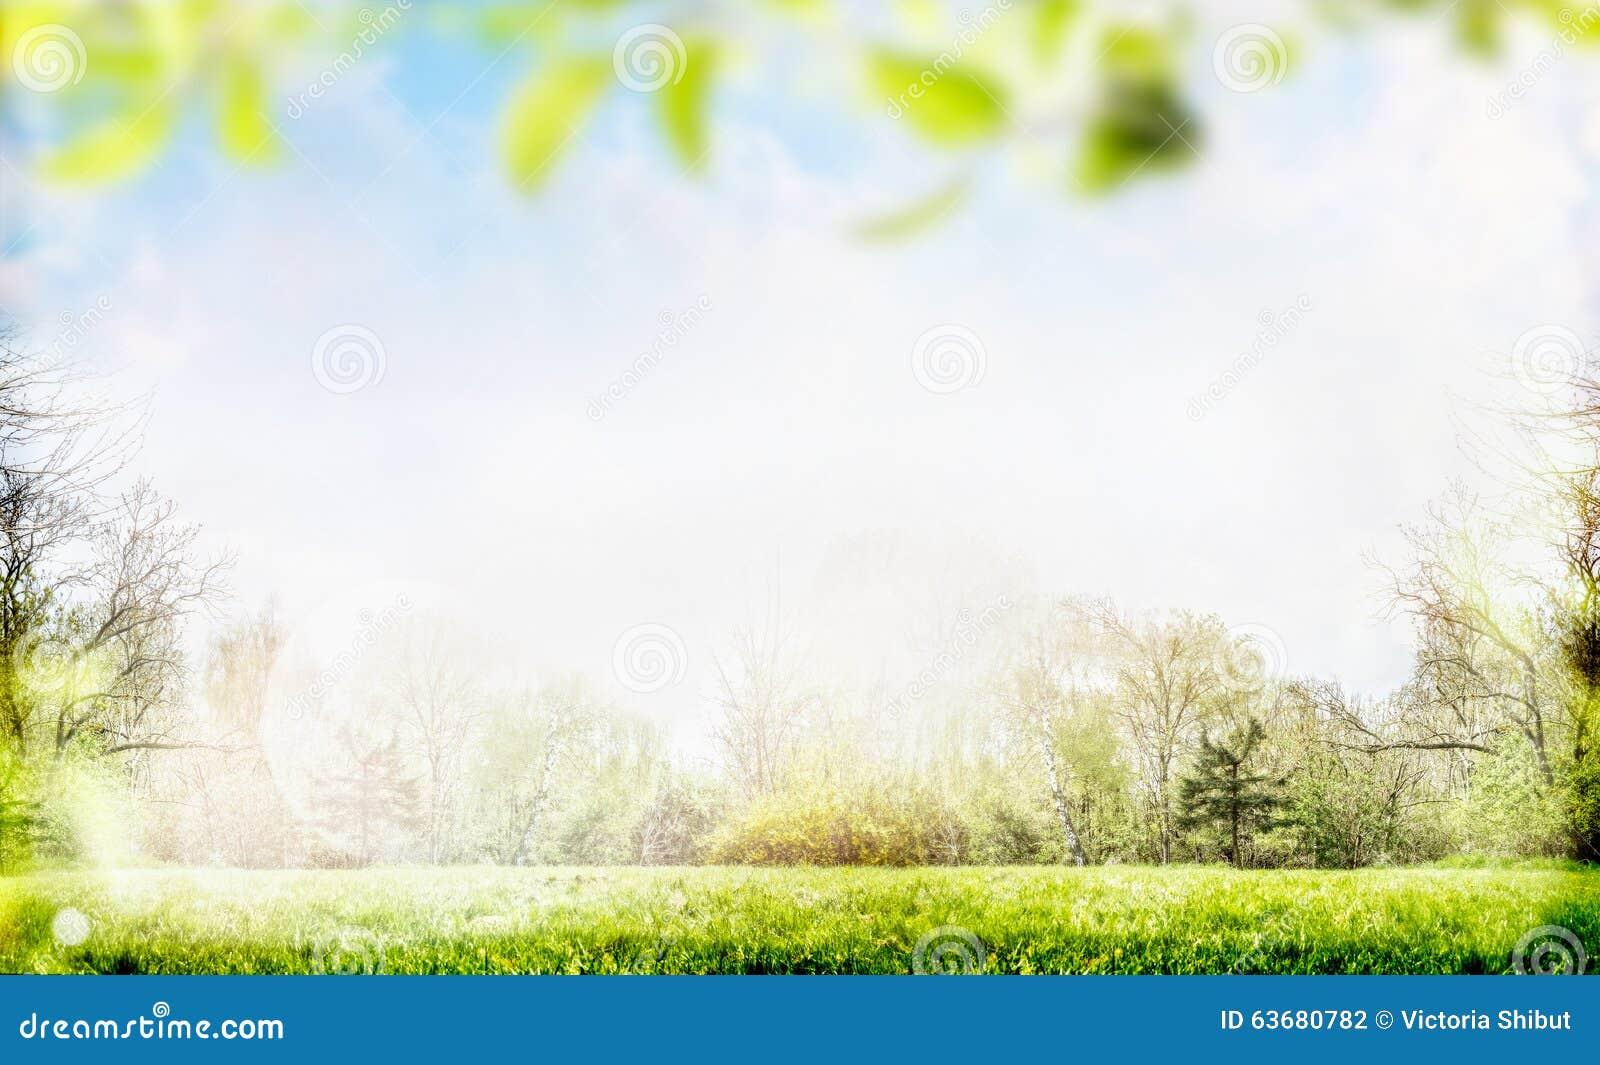 Frühlings- oder Sommernaturhintergrund mit Laub